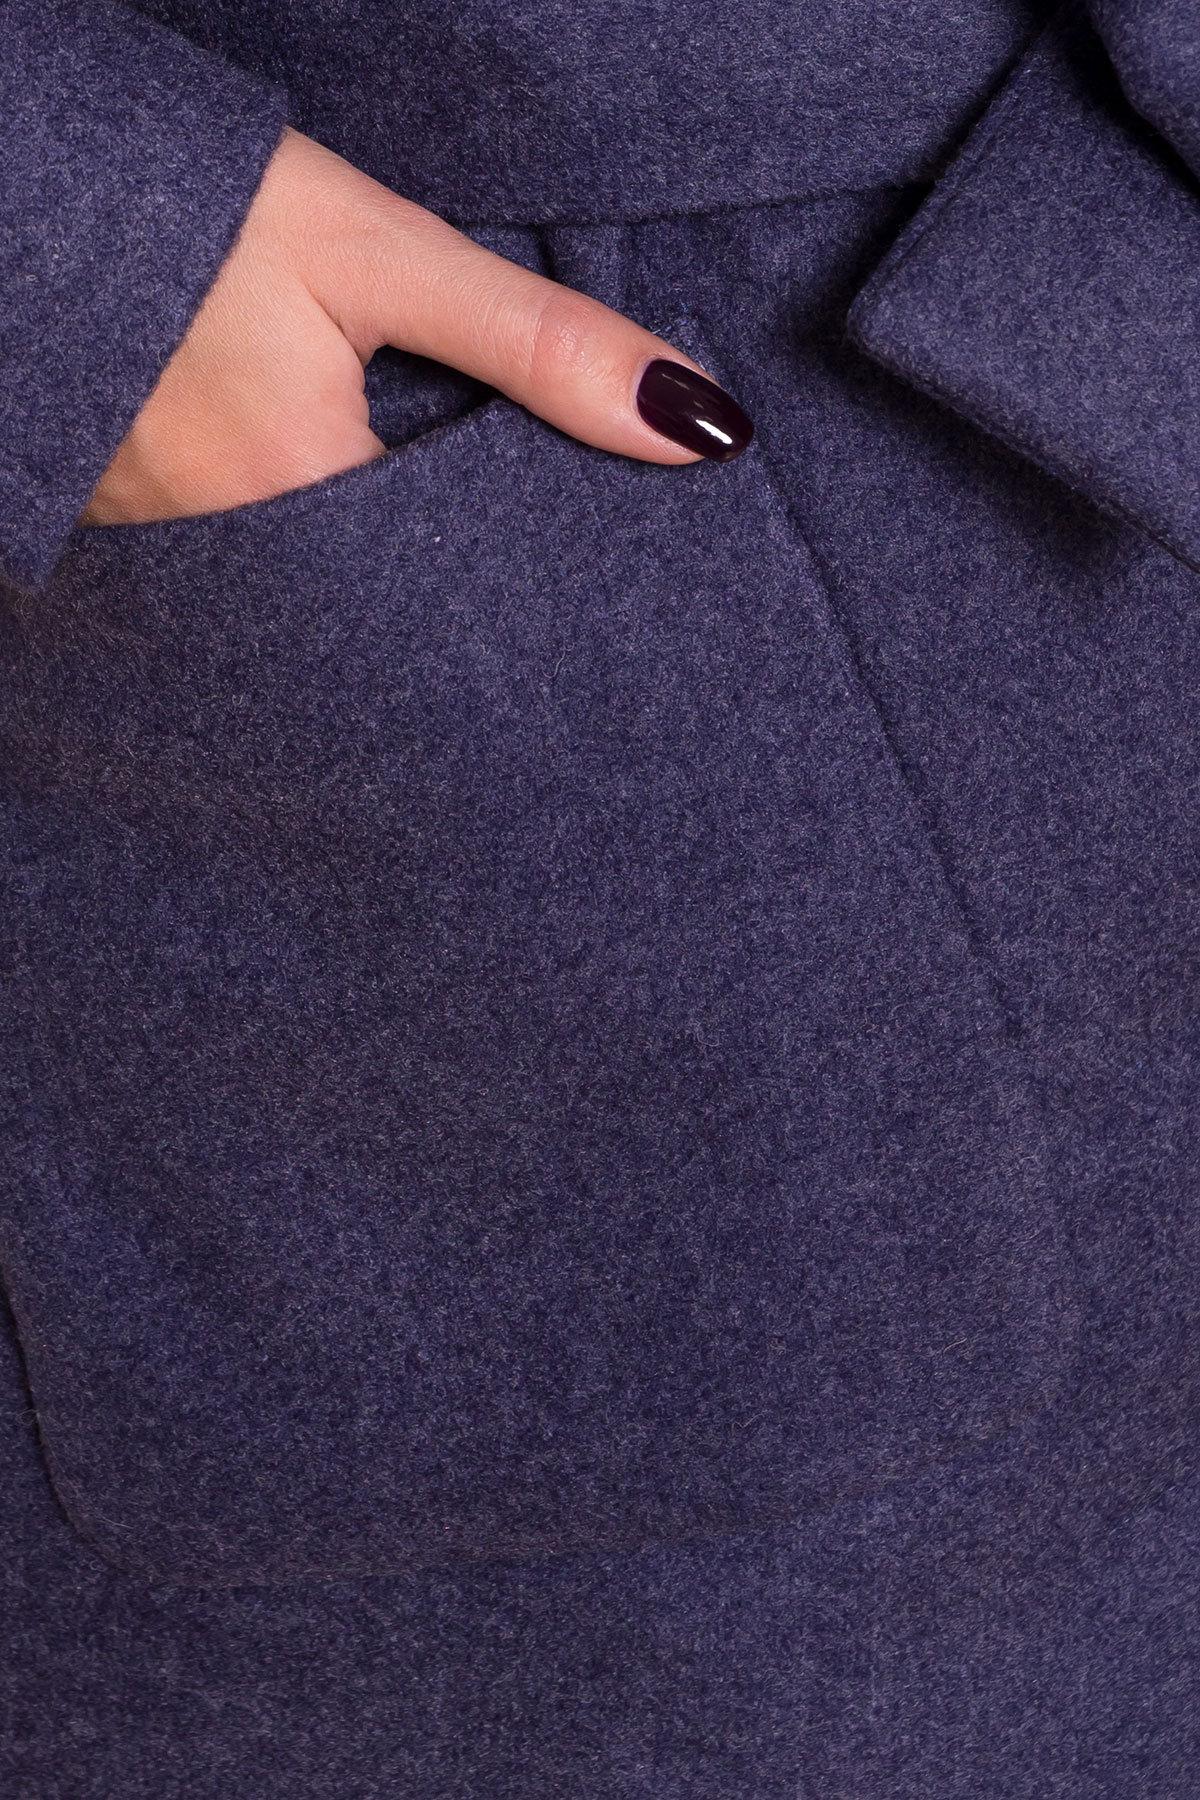 Пальто на весну-осень Габриэлла 4459 АРТ. 37561 Цвет: Джинс - фото 6, интернет магазин tm-modus.ru